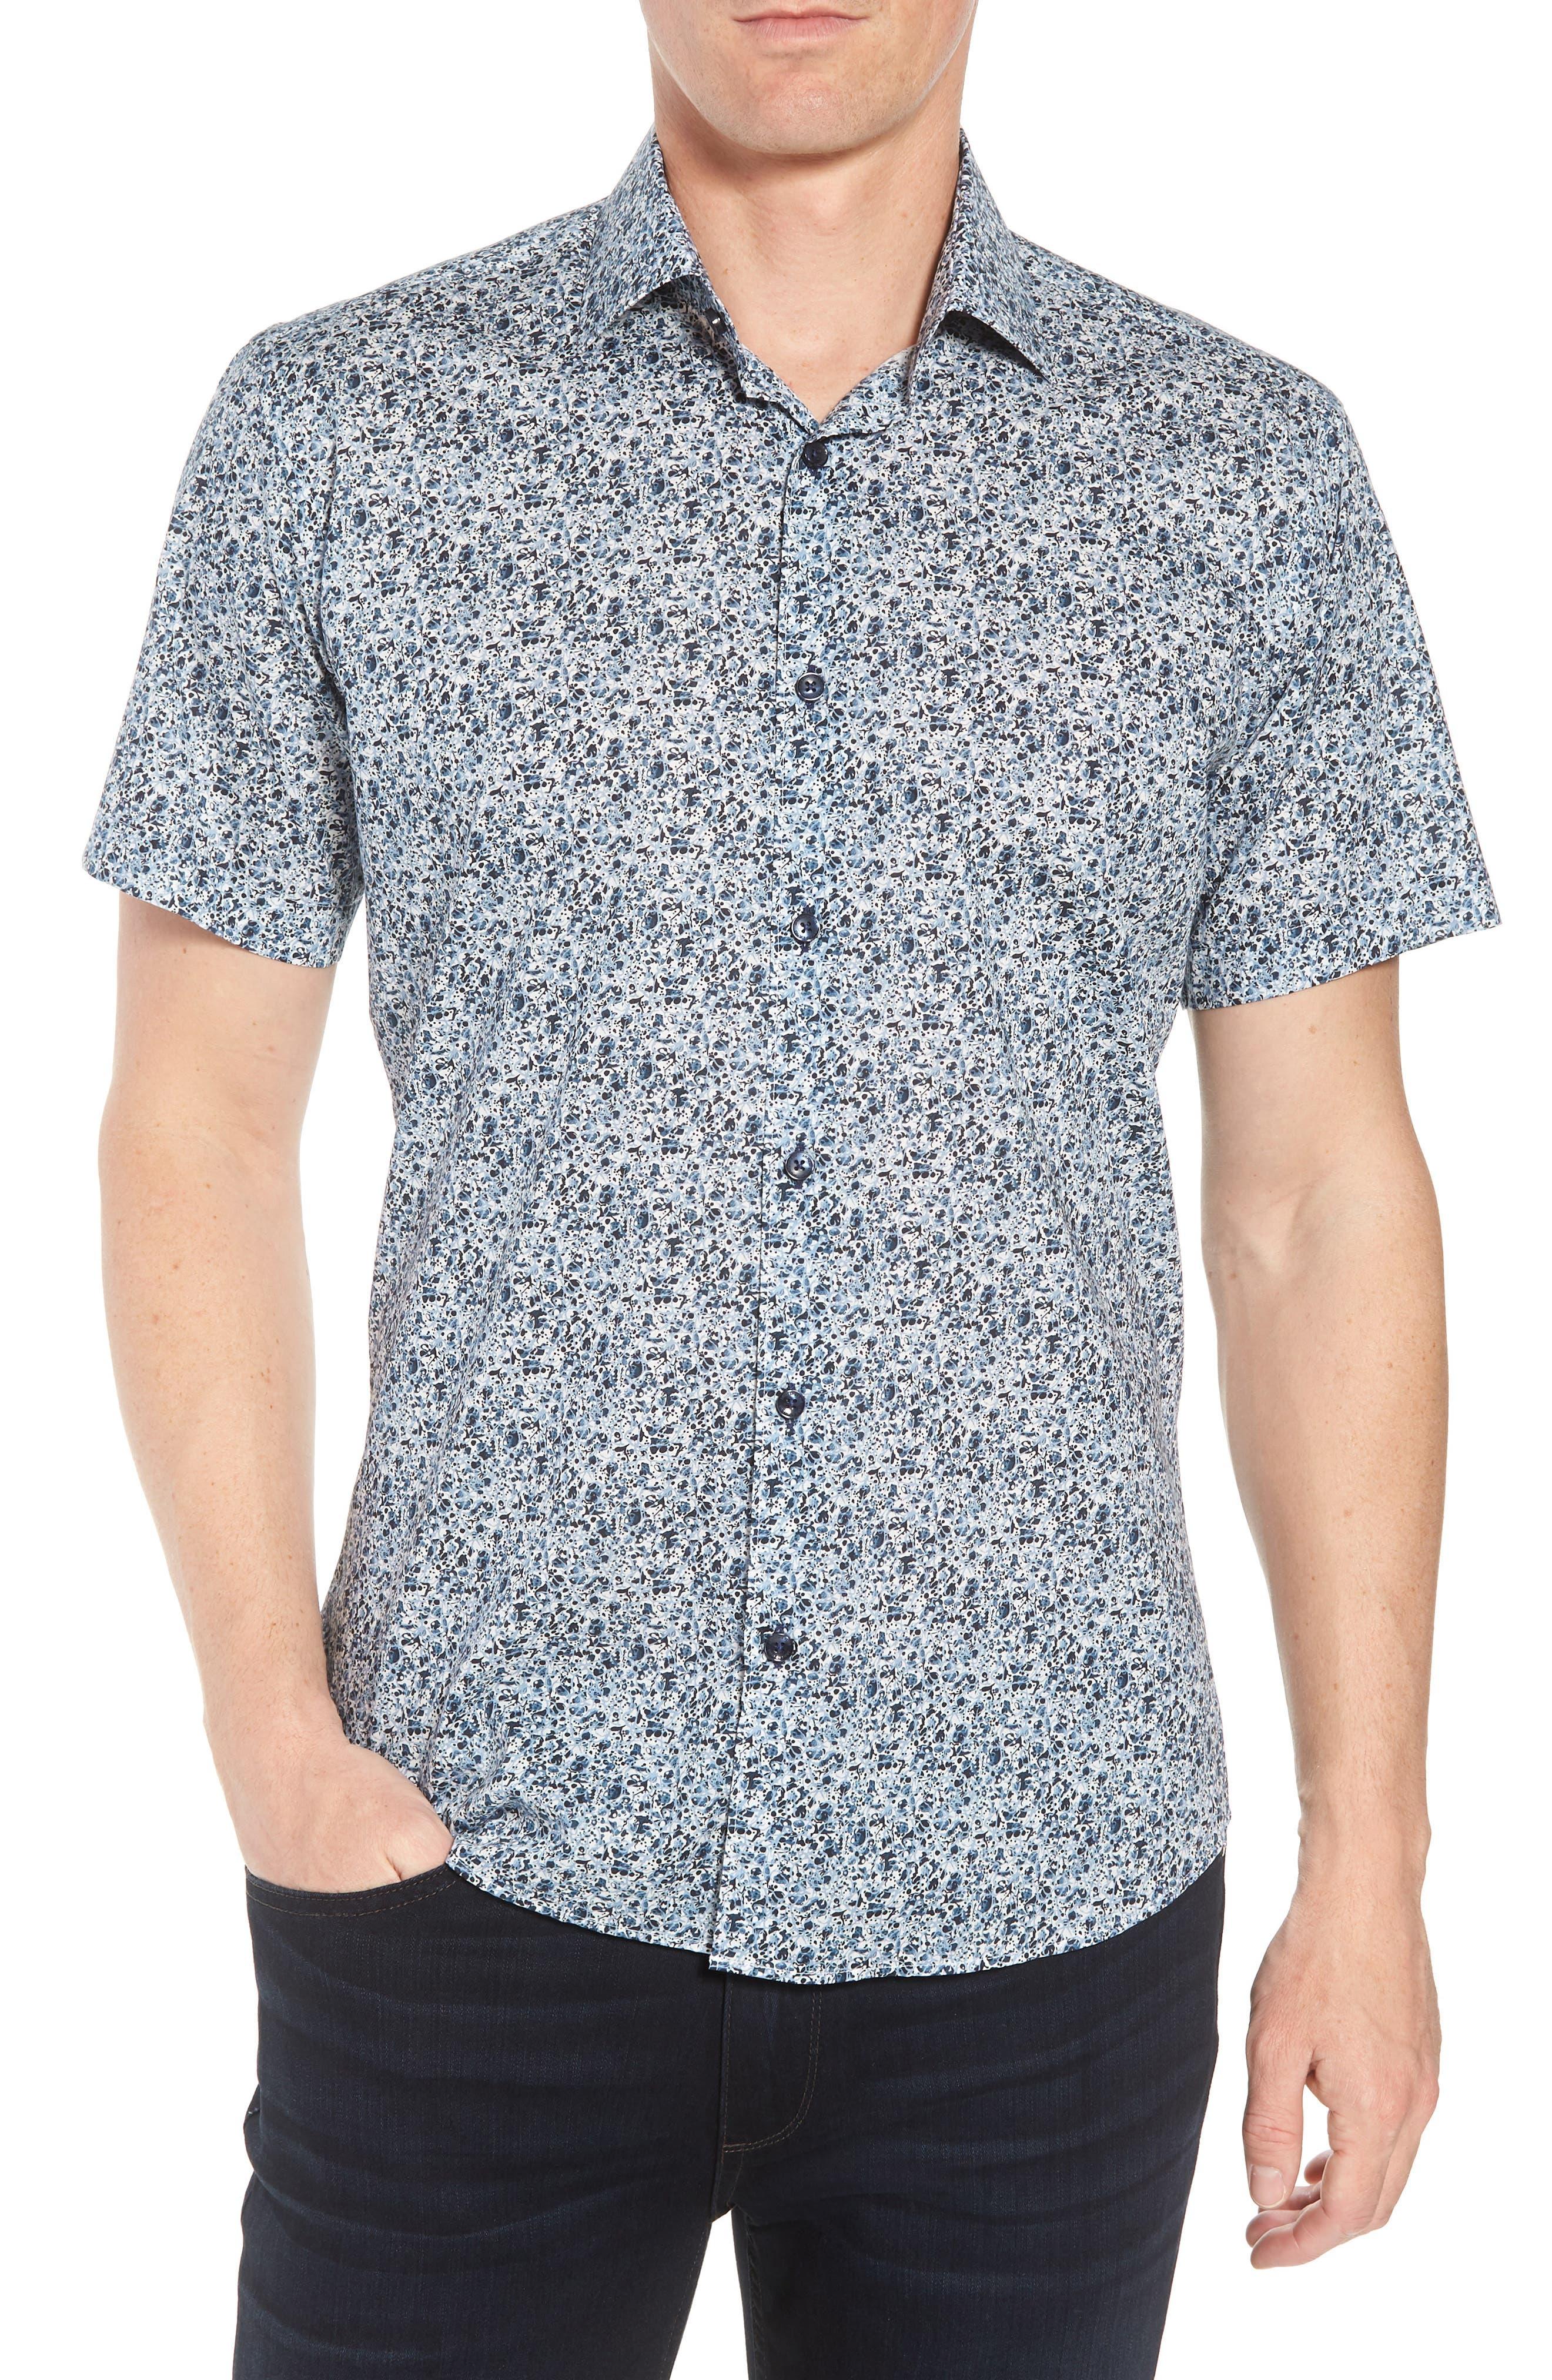 Speckle Print Sport Shirt,                         Main,                         color, BLUE SPECKLE